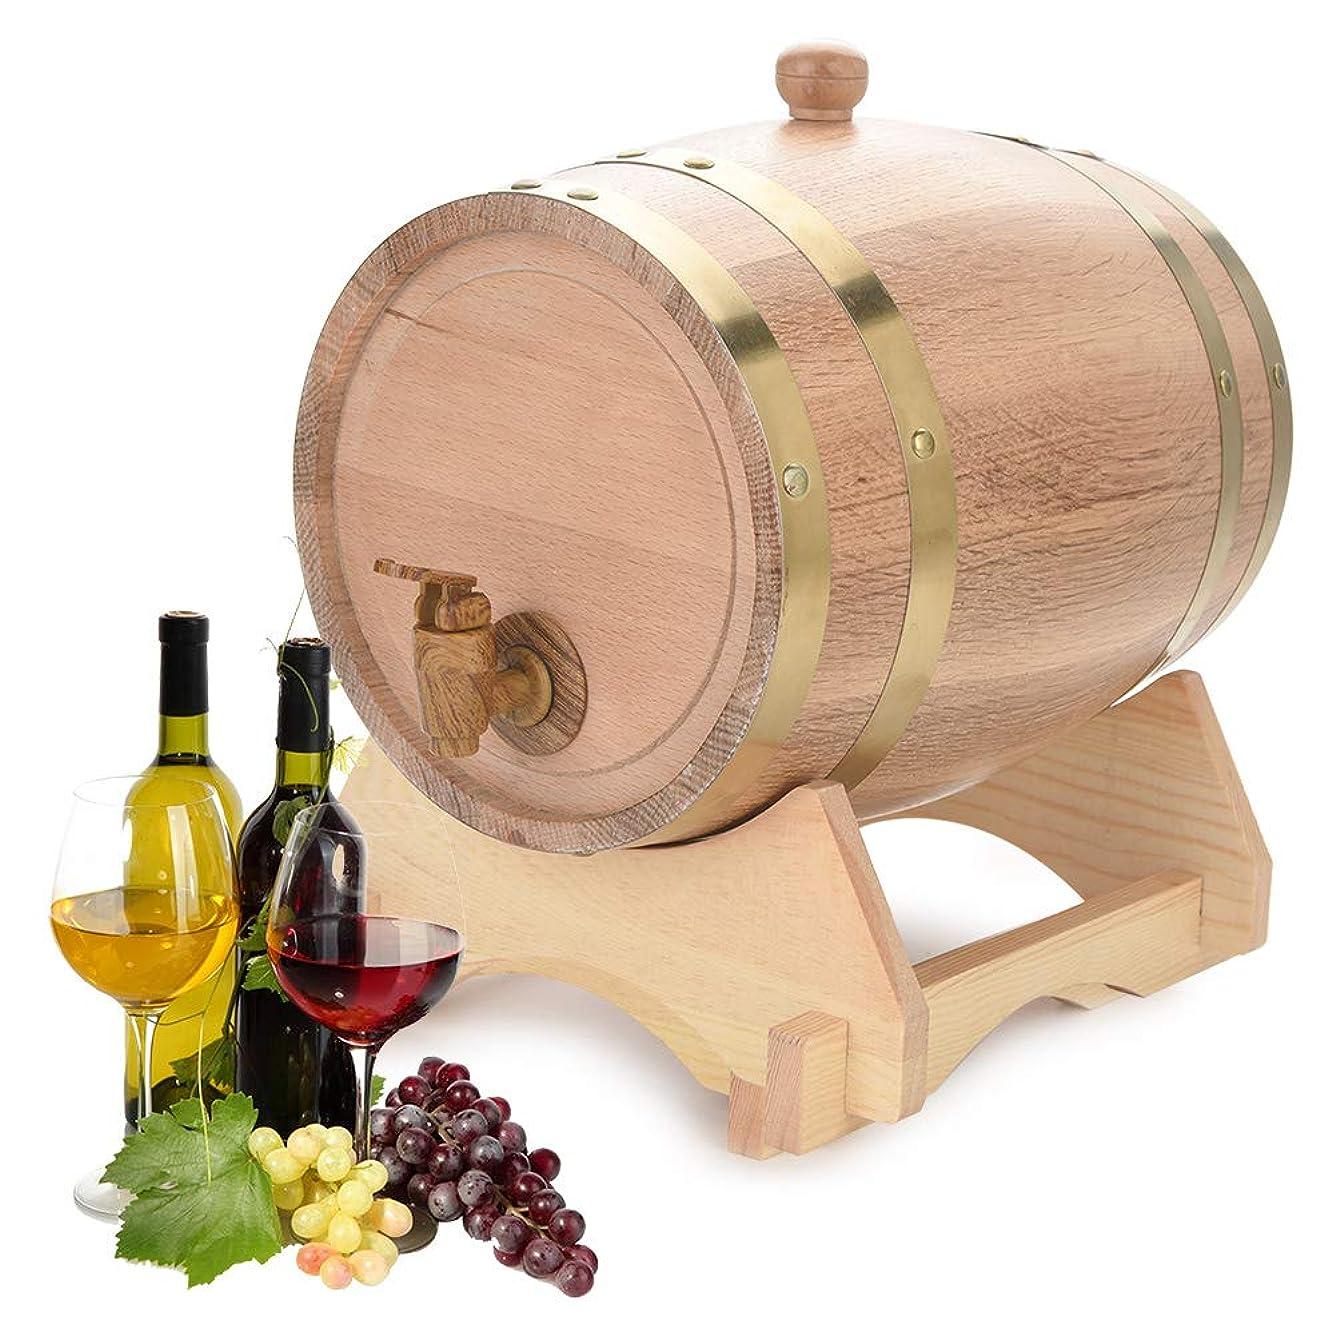 曖昧なマディソン母音5Lオークビール樽、ヴィンテージ家庭用ワイン樽木製ディスペンサービール醸造装置、ビール、ワイン、ウイスキー、テキーラ、ラム酒、ホットソース